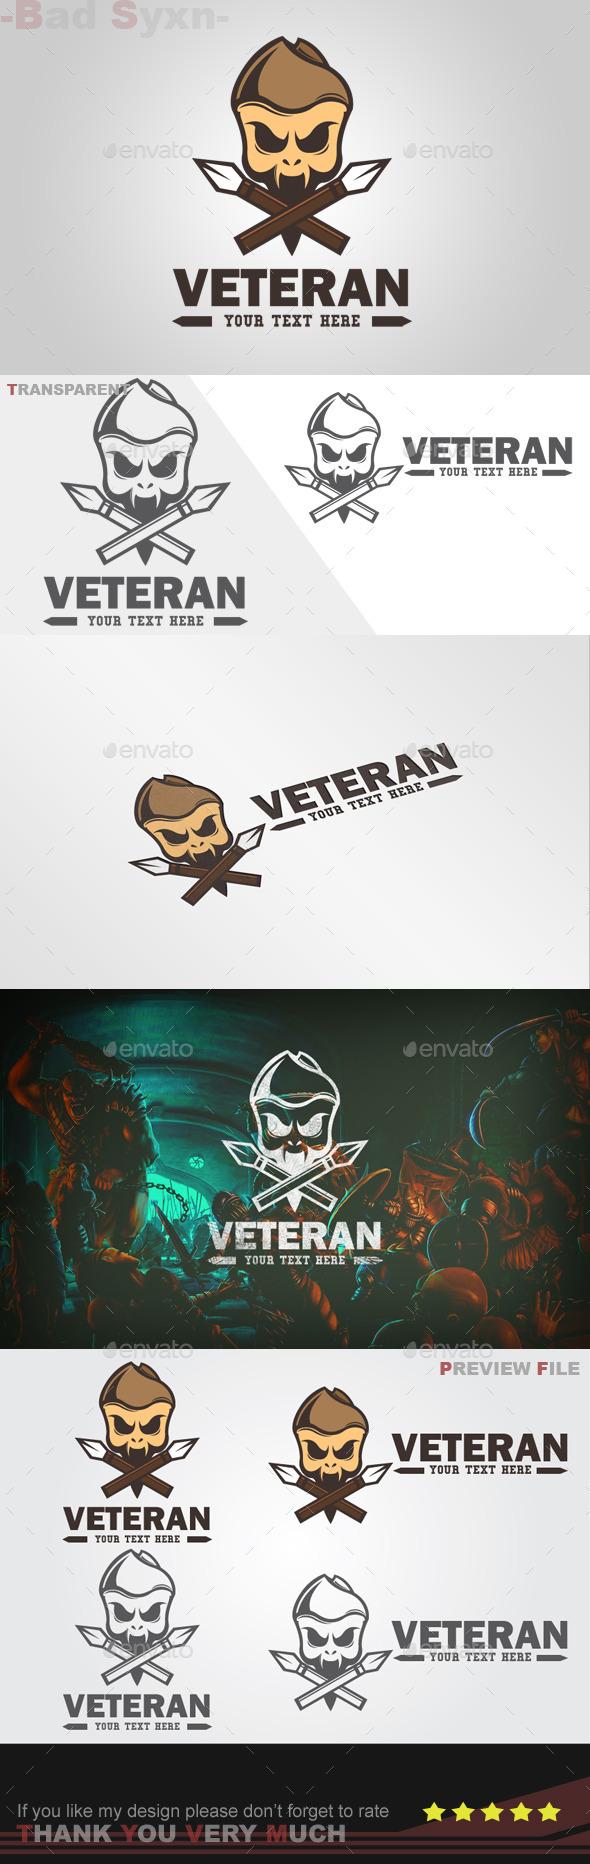 GraphicRiver Veteran Logo Template 8893242